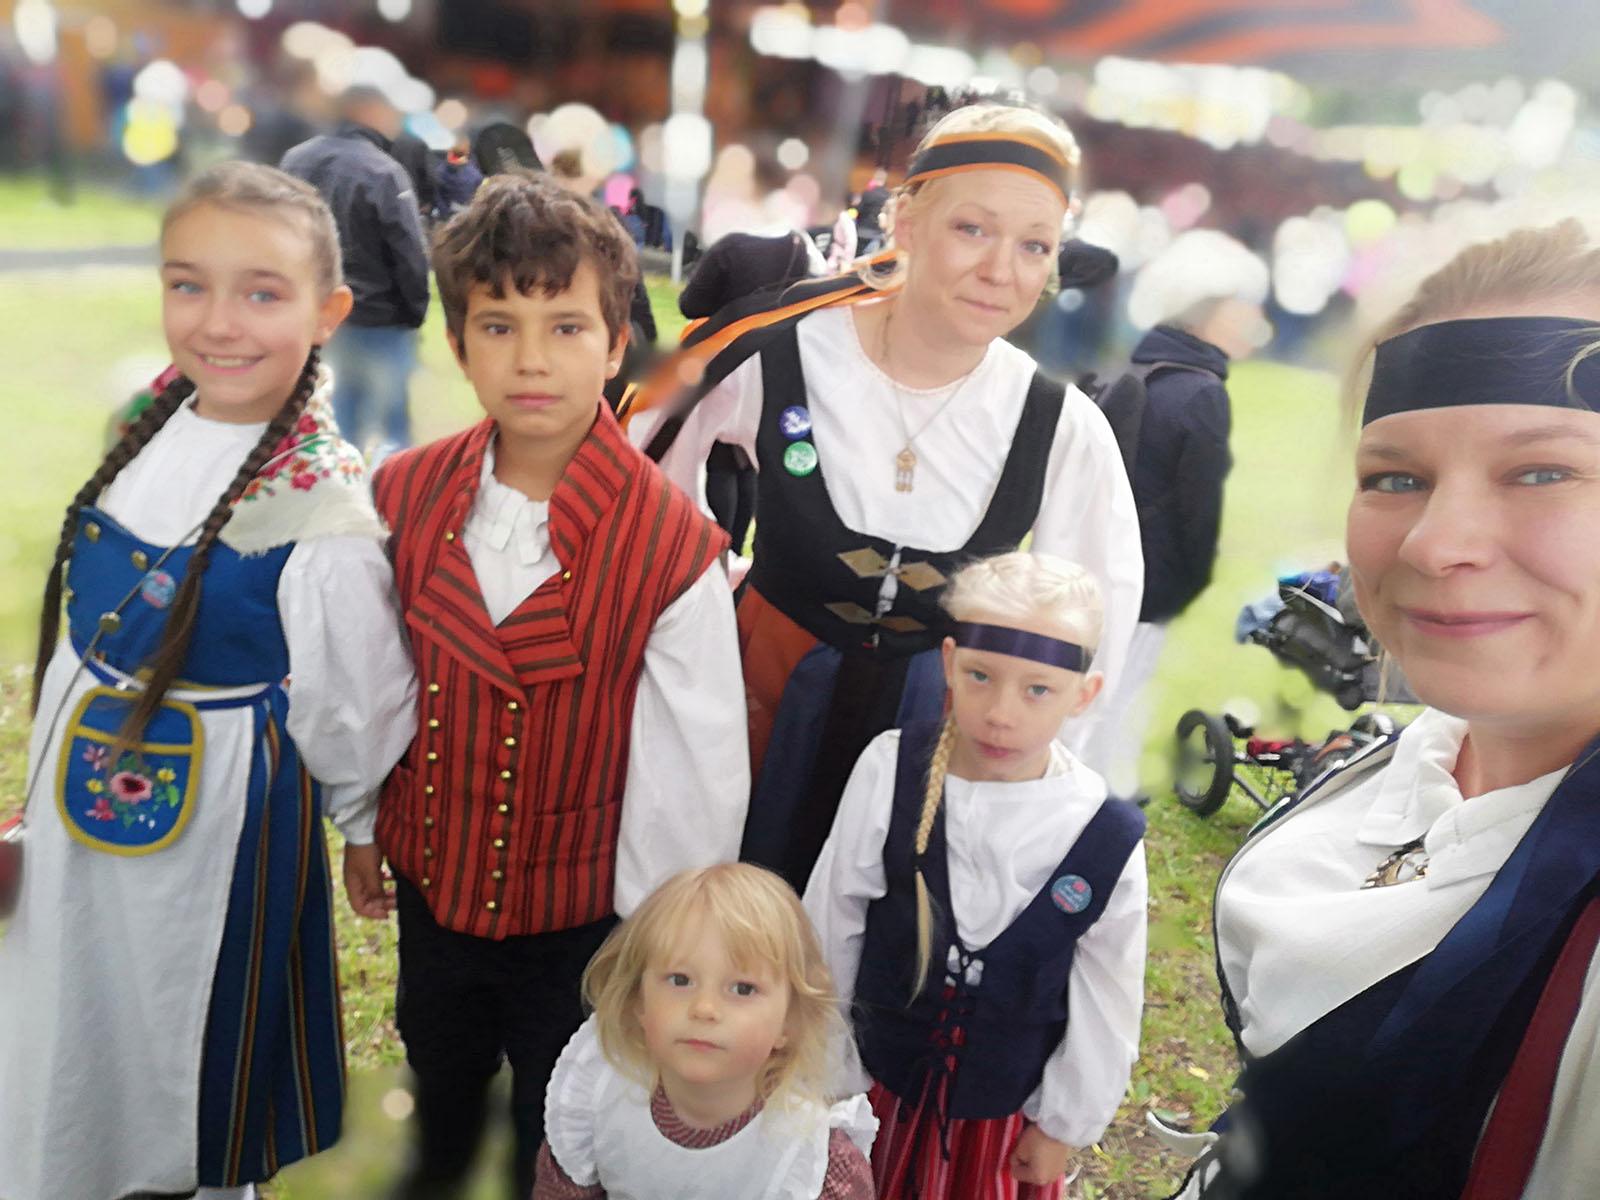 Veera Valo ja Hanna-siskonsa ryhmäkuvassa festivaaleilla 2019. Kaikilla on kansallispuvut päällä.